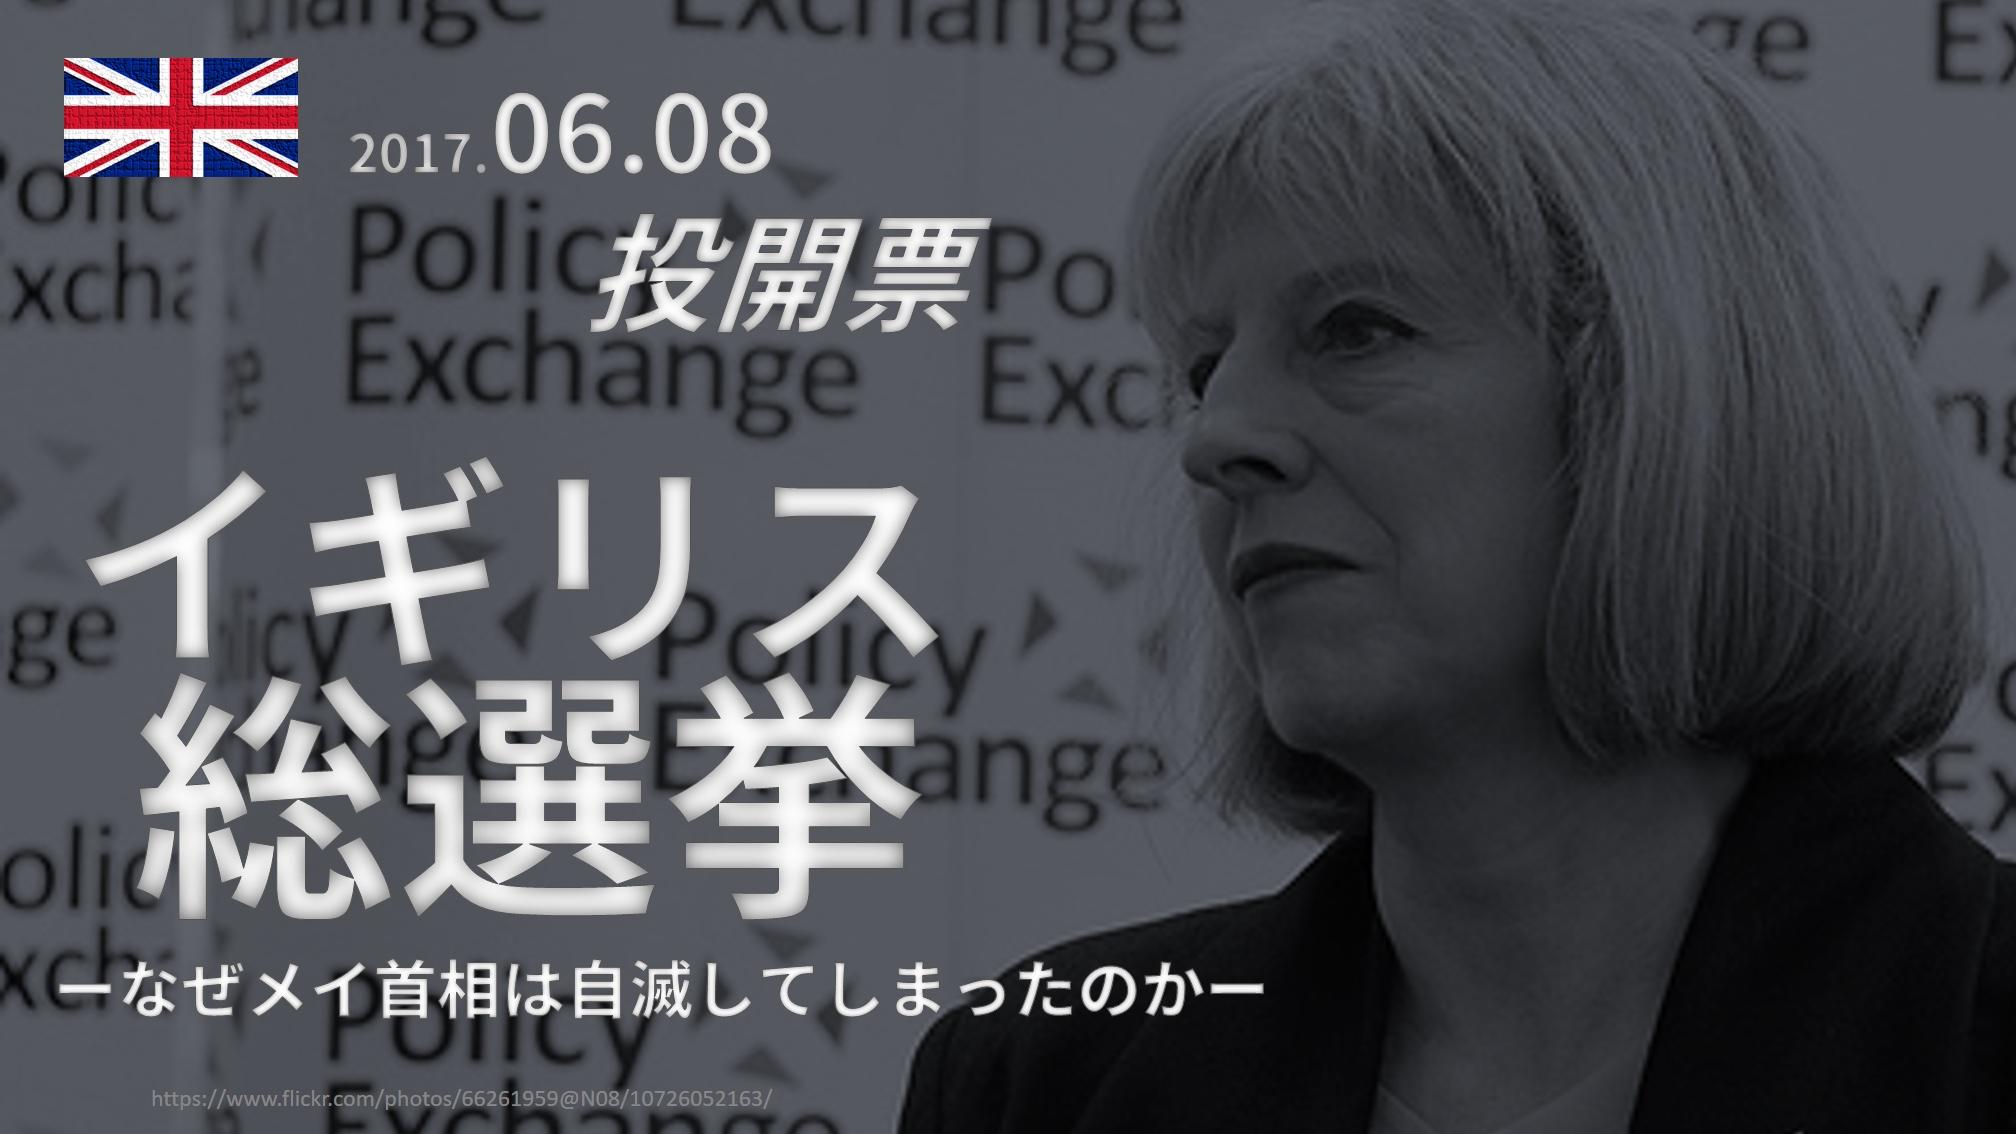 2017年イギリス総選挙